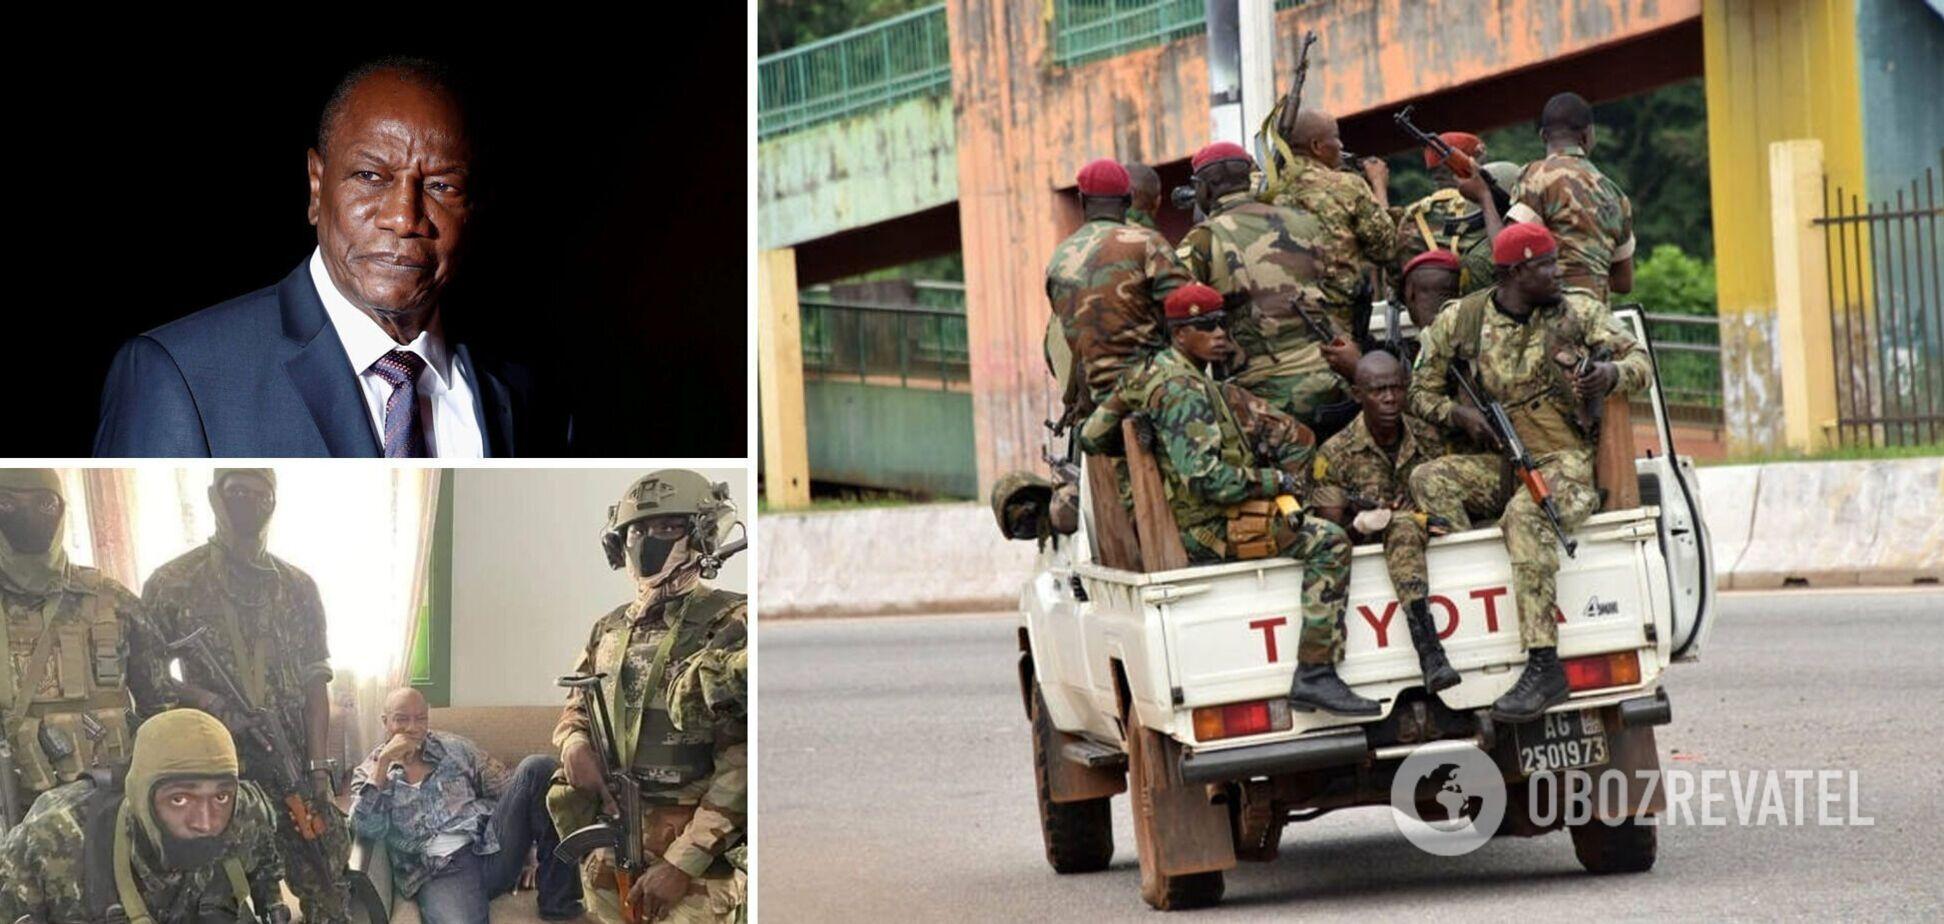 У Гвінеї відбулася спроба перевороту: заколотники заявили про арешт президента. Всі подробиці, фото і відео